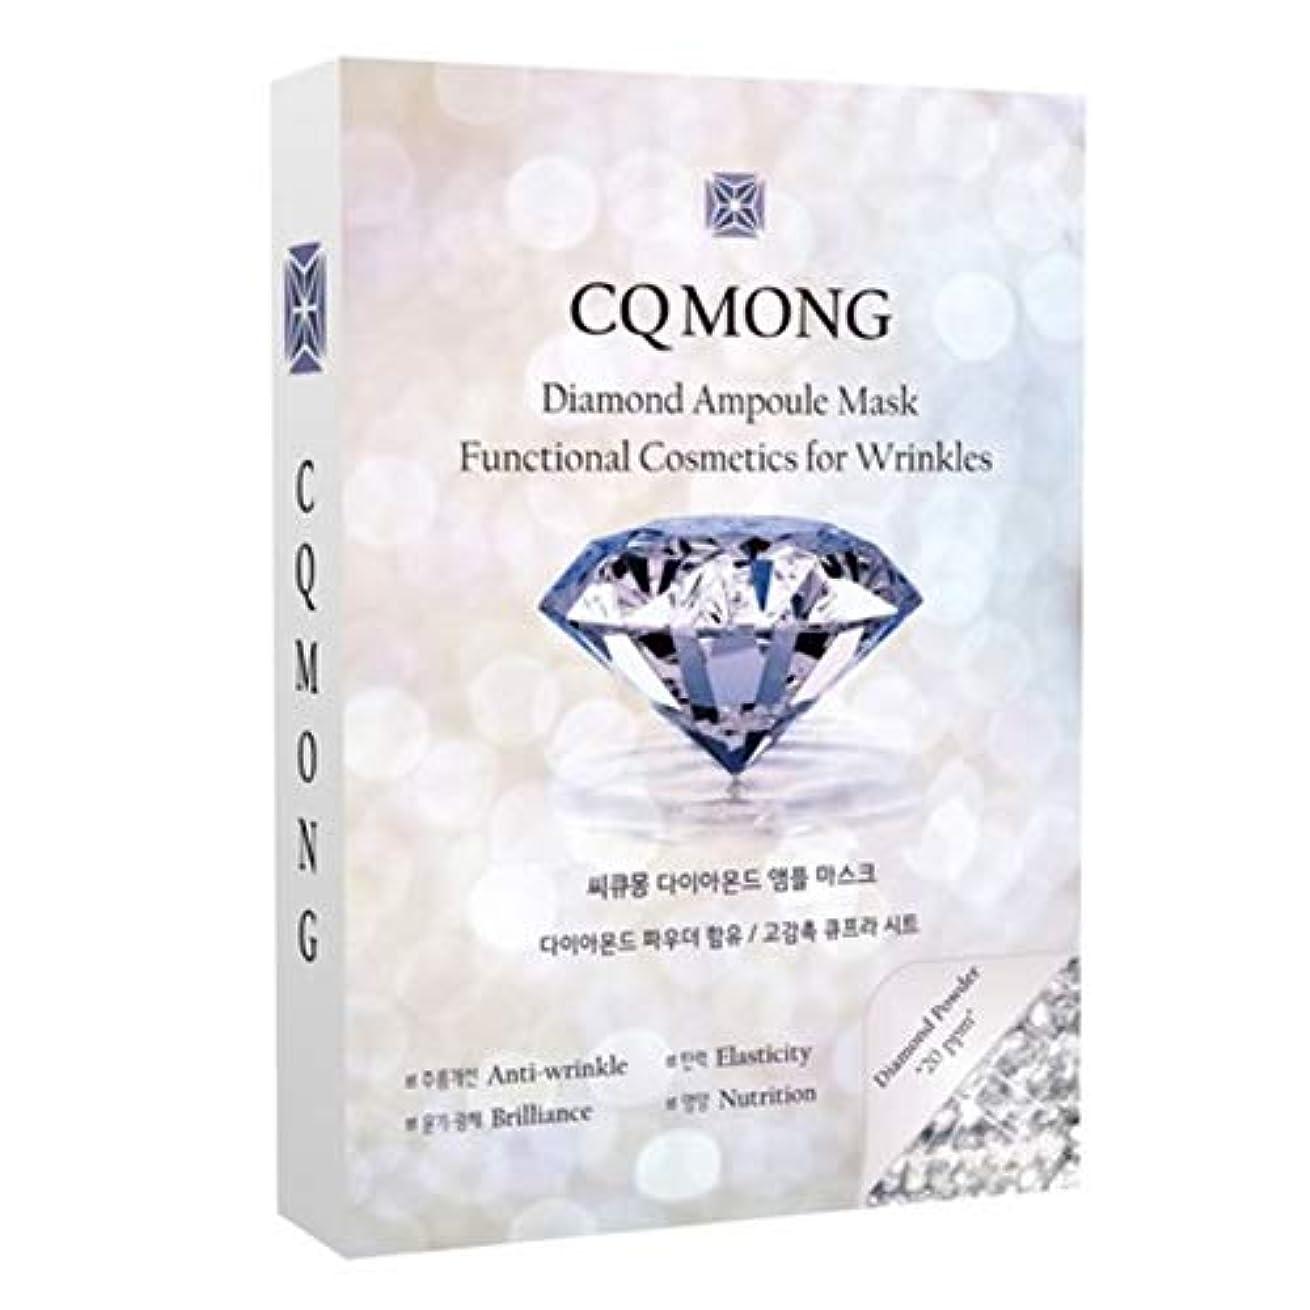 とても多くの悲劇チャネルCQMONG Diamond ampoule Mask 男女共用 マスクパック 1ボックス(10枚)[海外直送品]